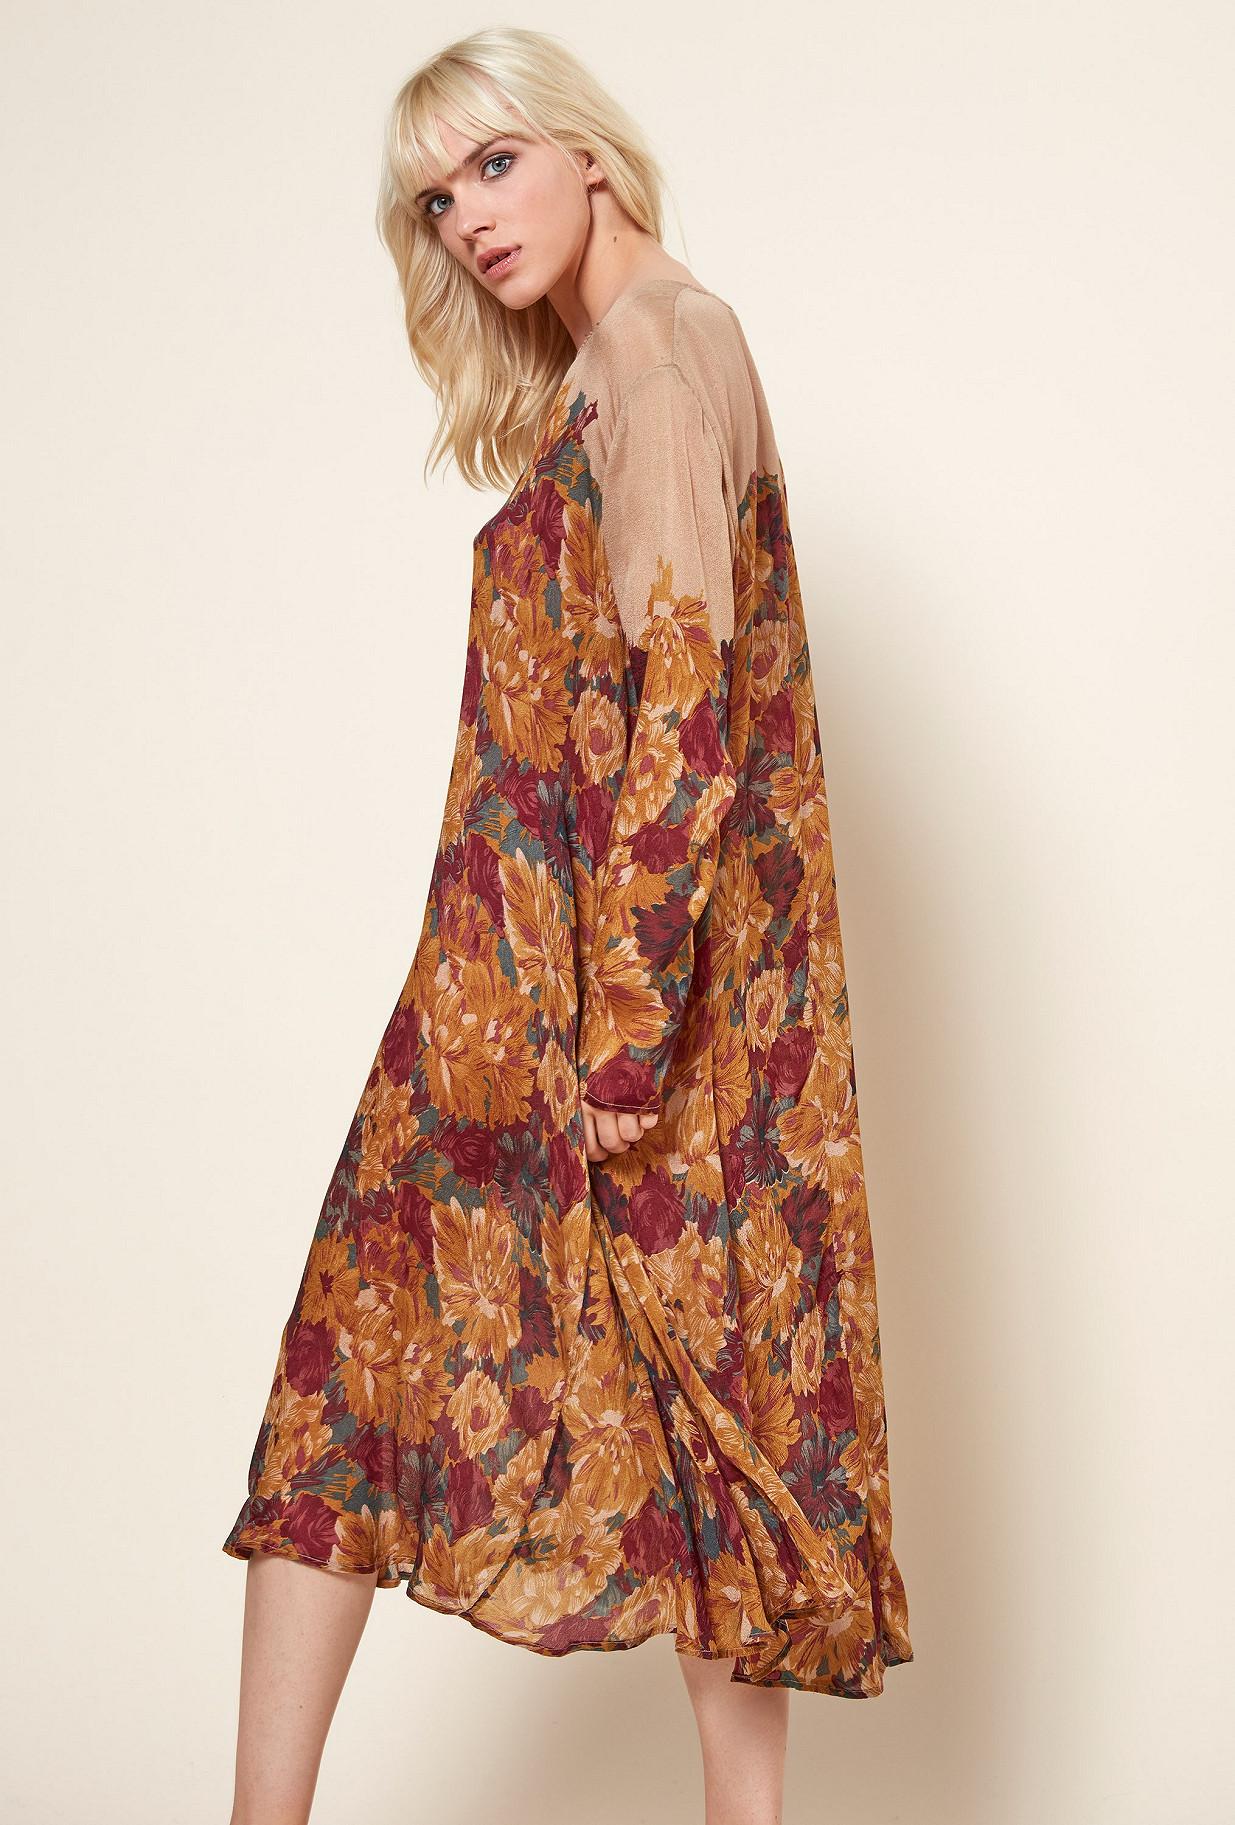 Paris clothes store Dress  Odile french designer fashion Paris